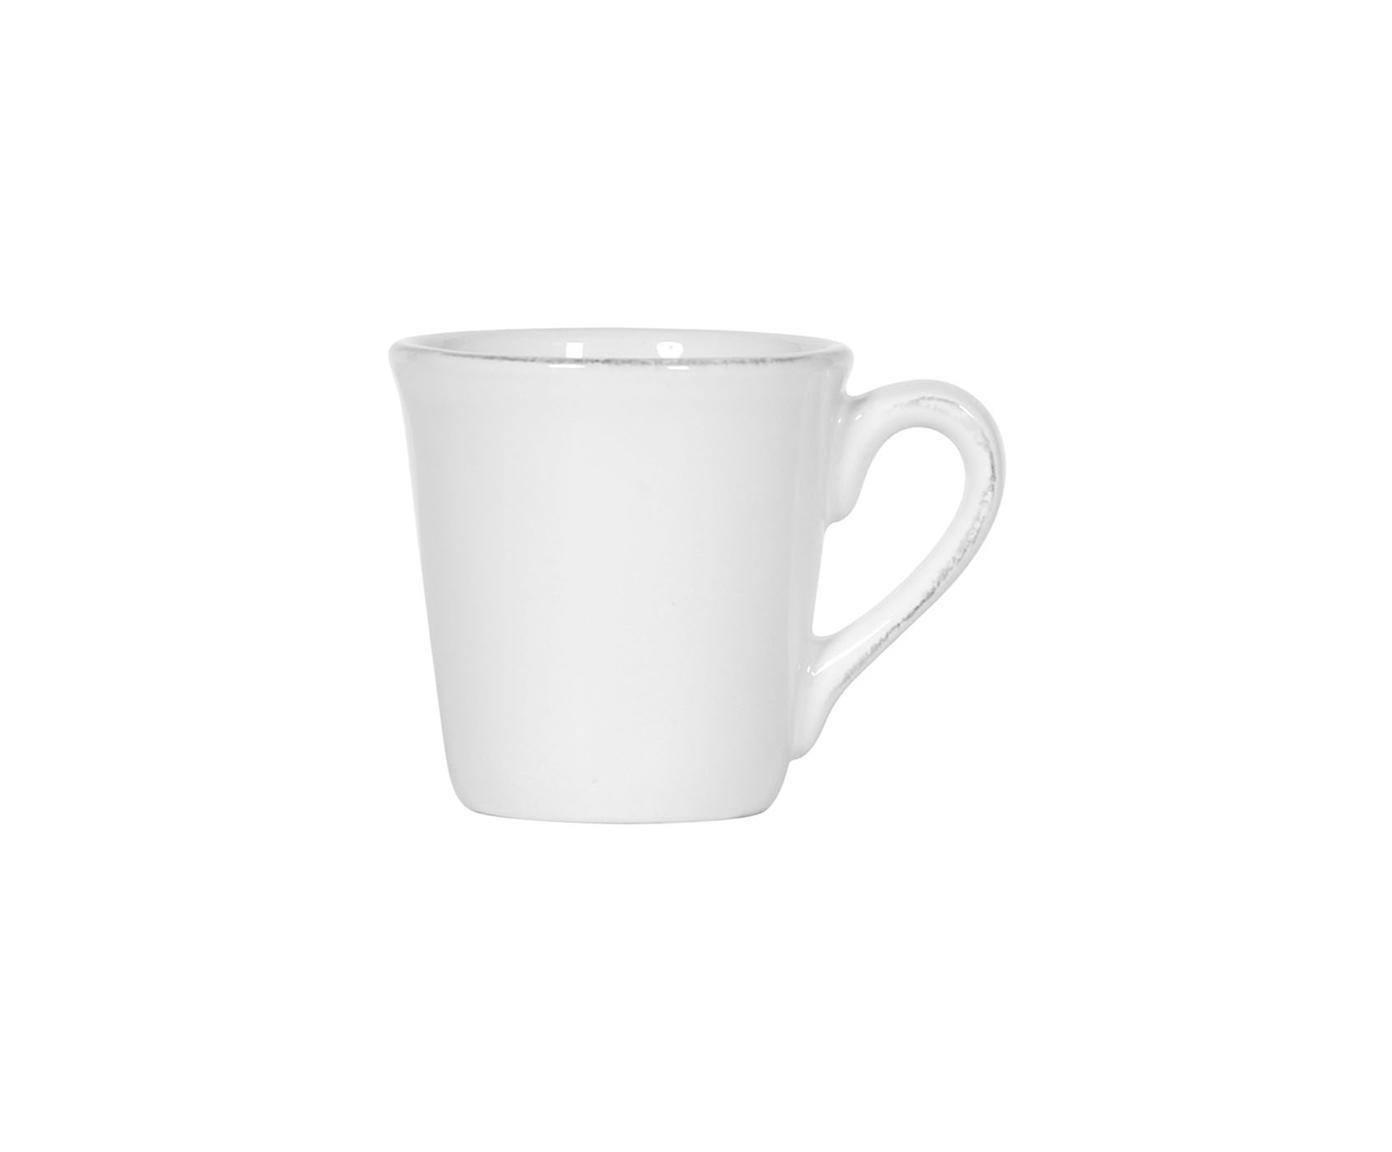 Espressotassen Constance im Landhaus Style, 2 Stück, Steingut, Weiss, Ø 8 x H 6 cm